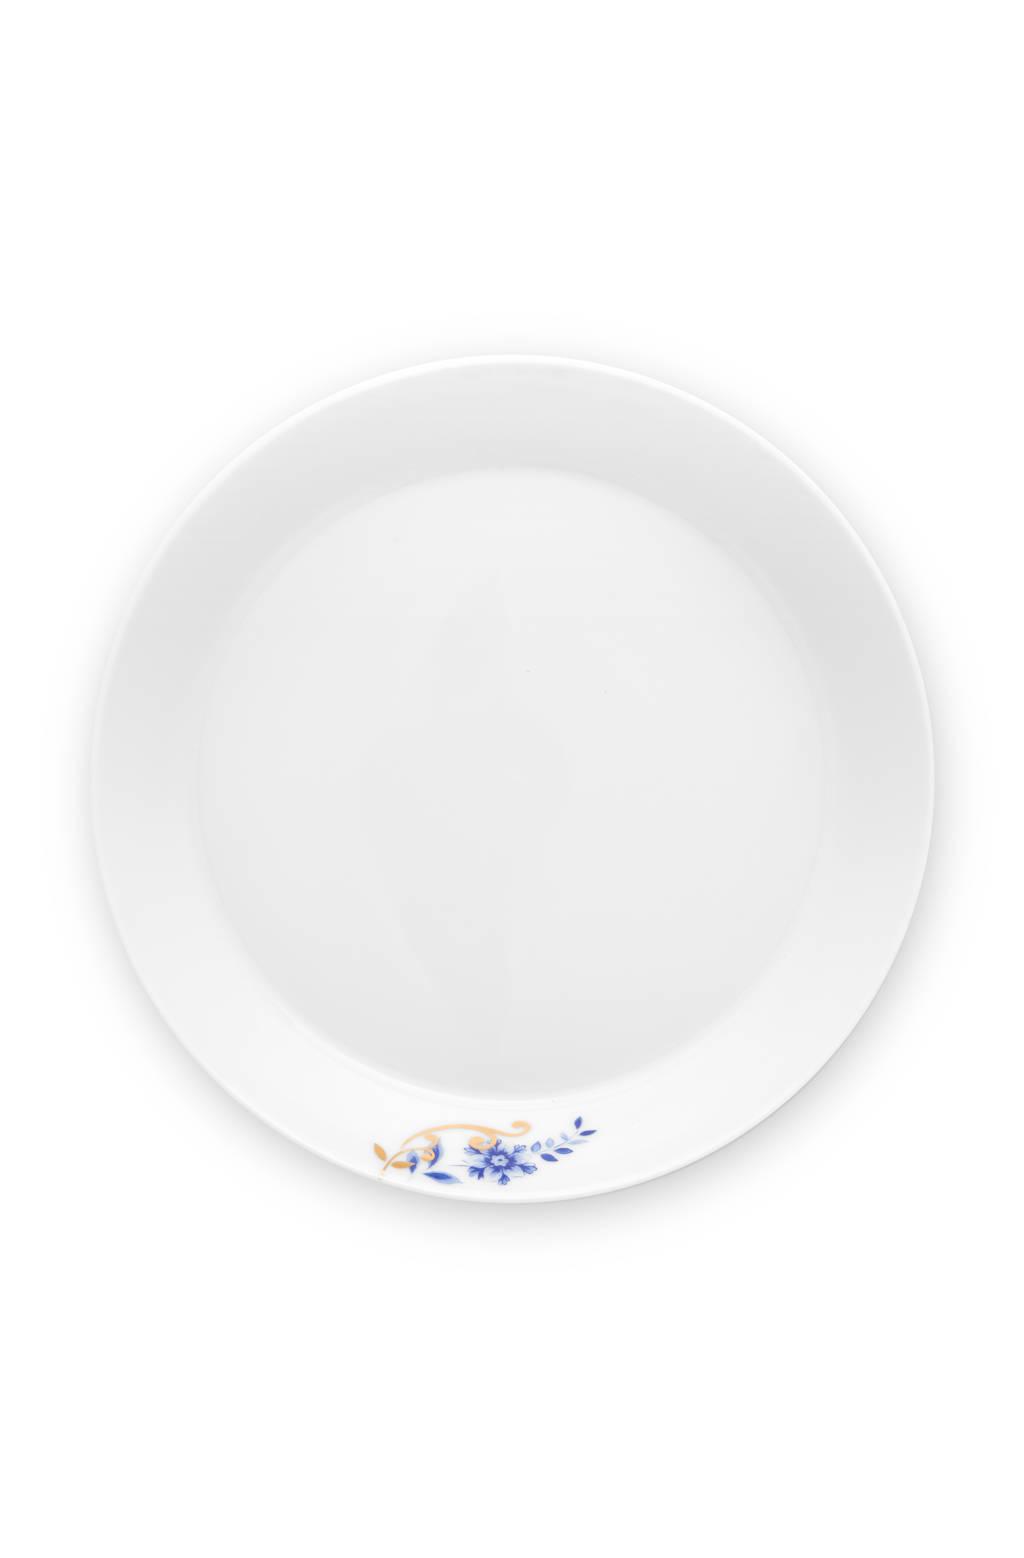 Pip Studio Deep Plate Royal Stripes 21.5cm, Blue / White